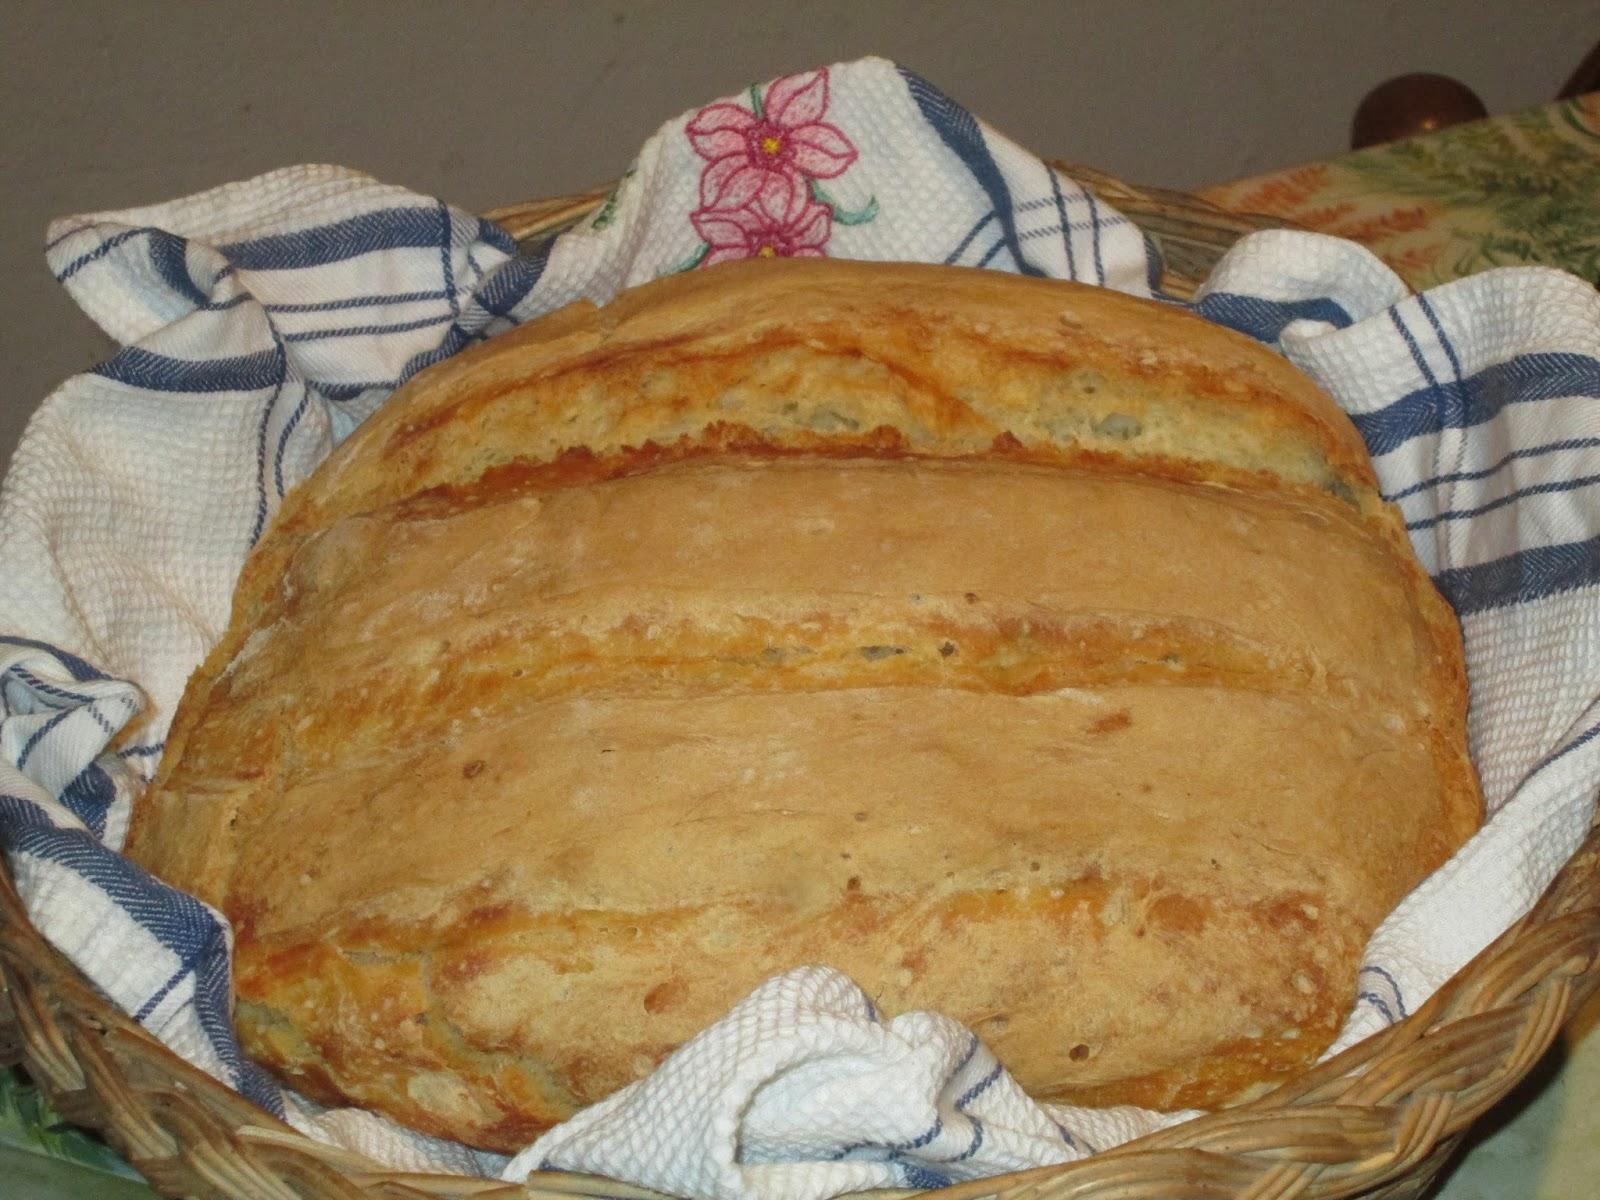 Raccontare un paese dalla mia cucina pane 2 foto - Appunti dalla mia cucina ...